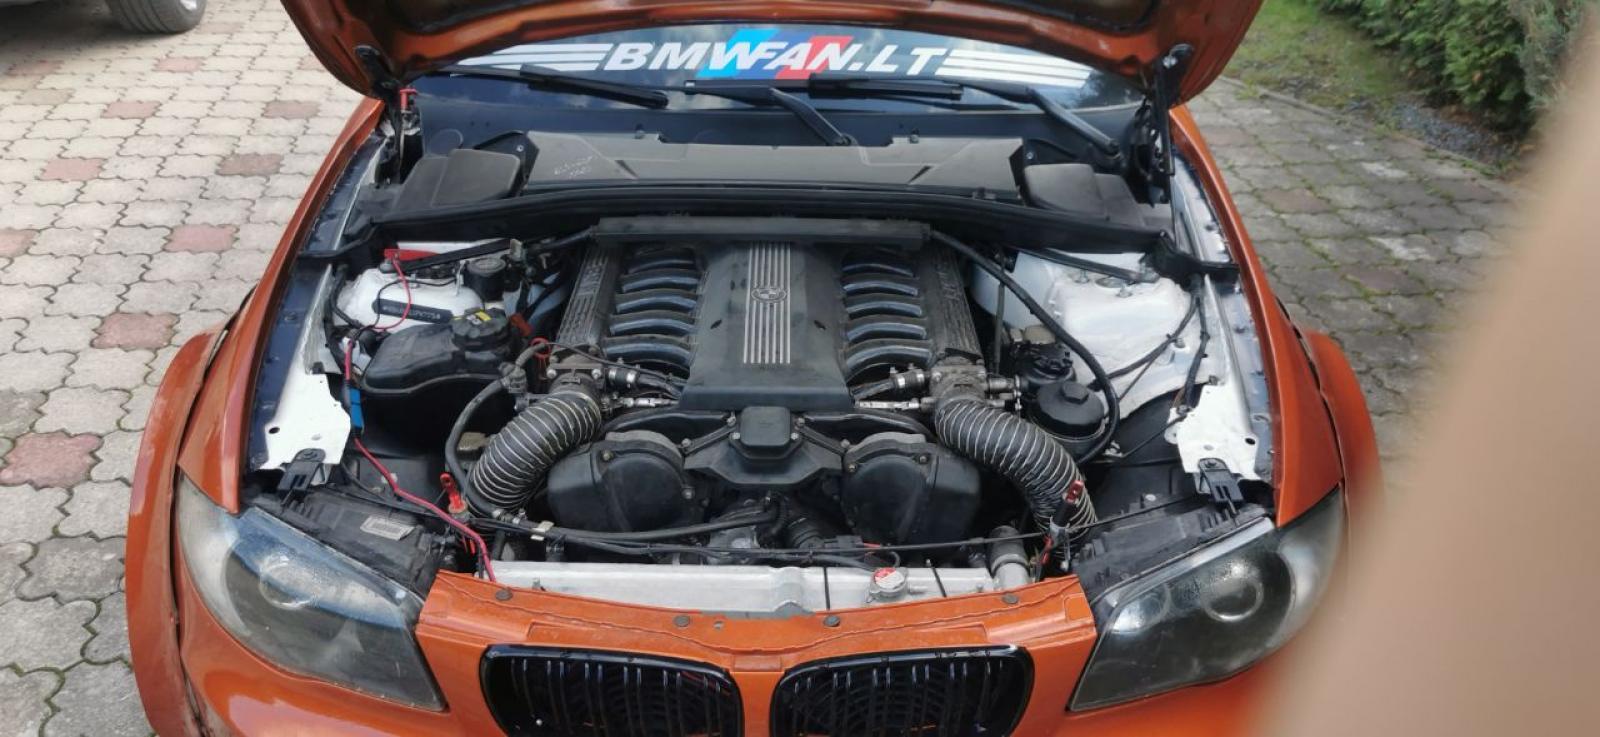 Bmw 154i - 5